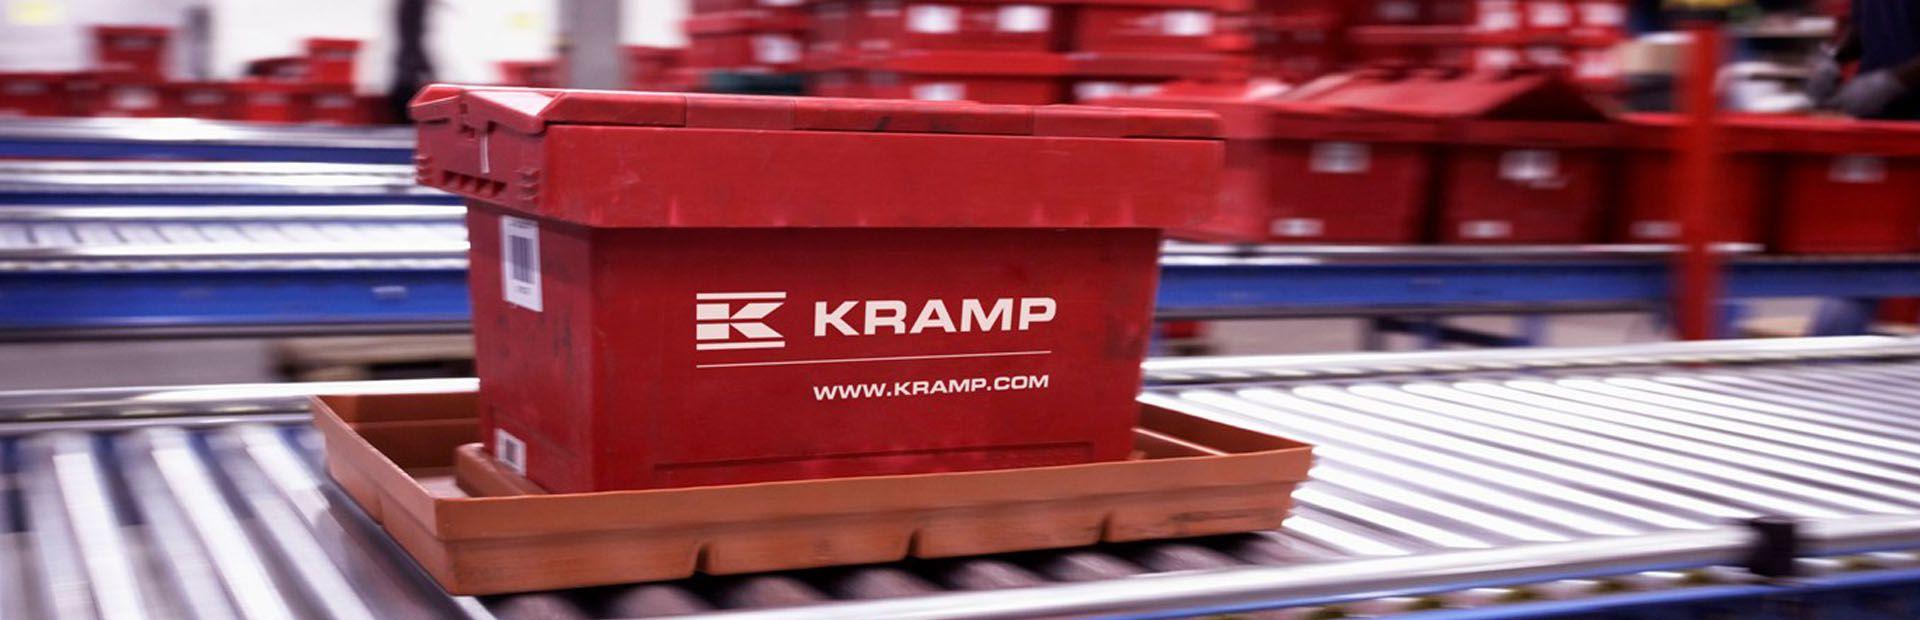 kramp-slider